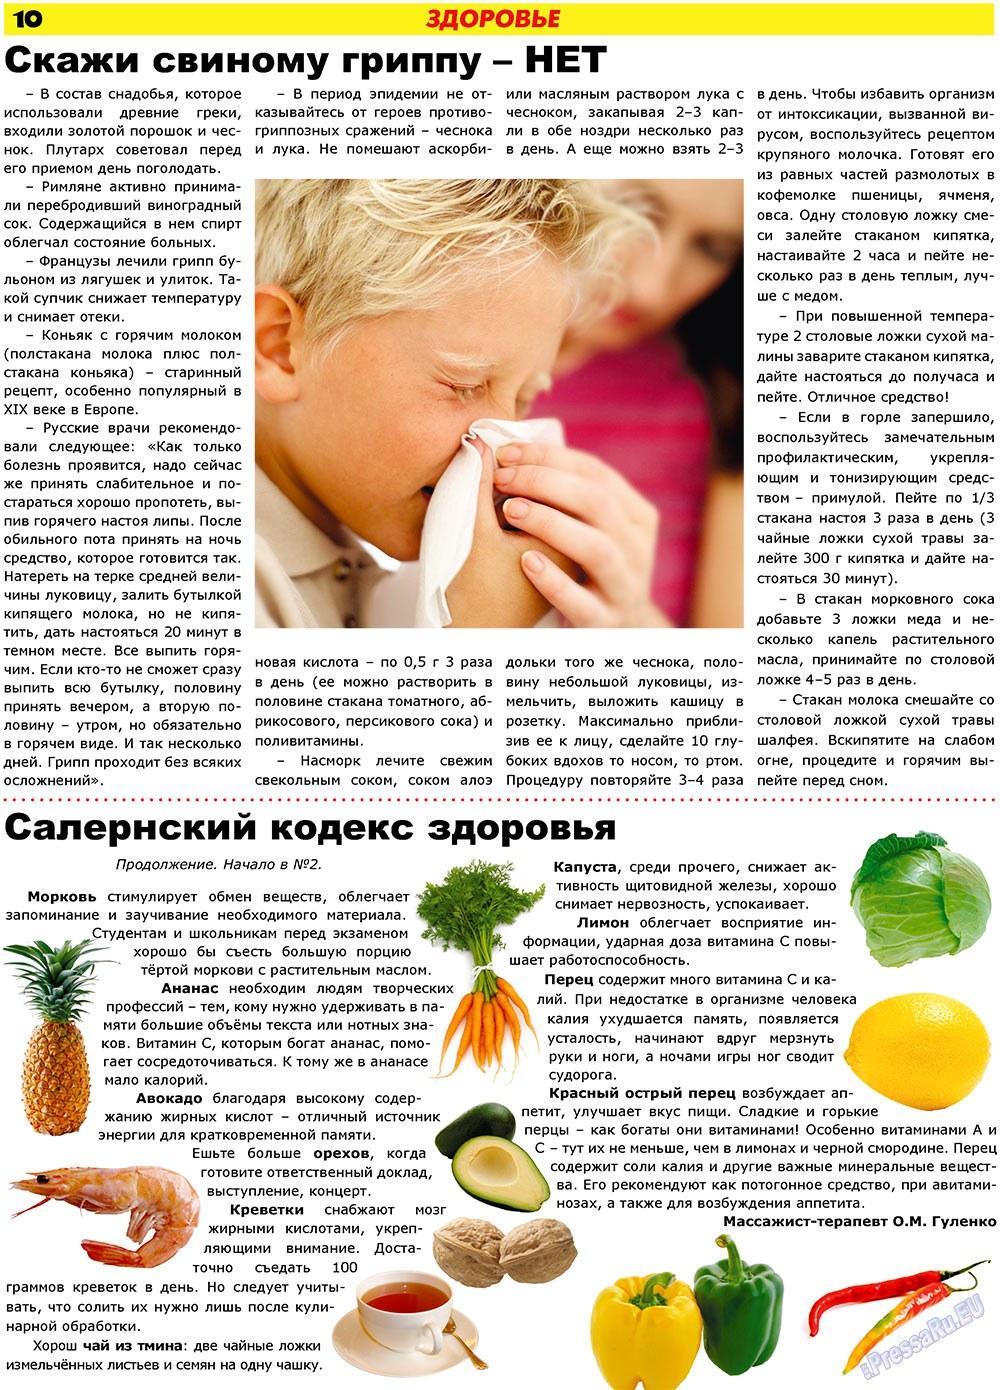 Forum Plus (газета). 2009 год, номер 3, стр. 10